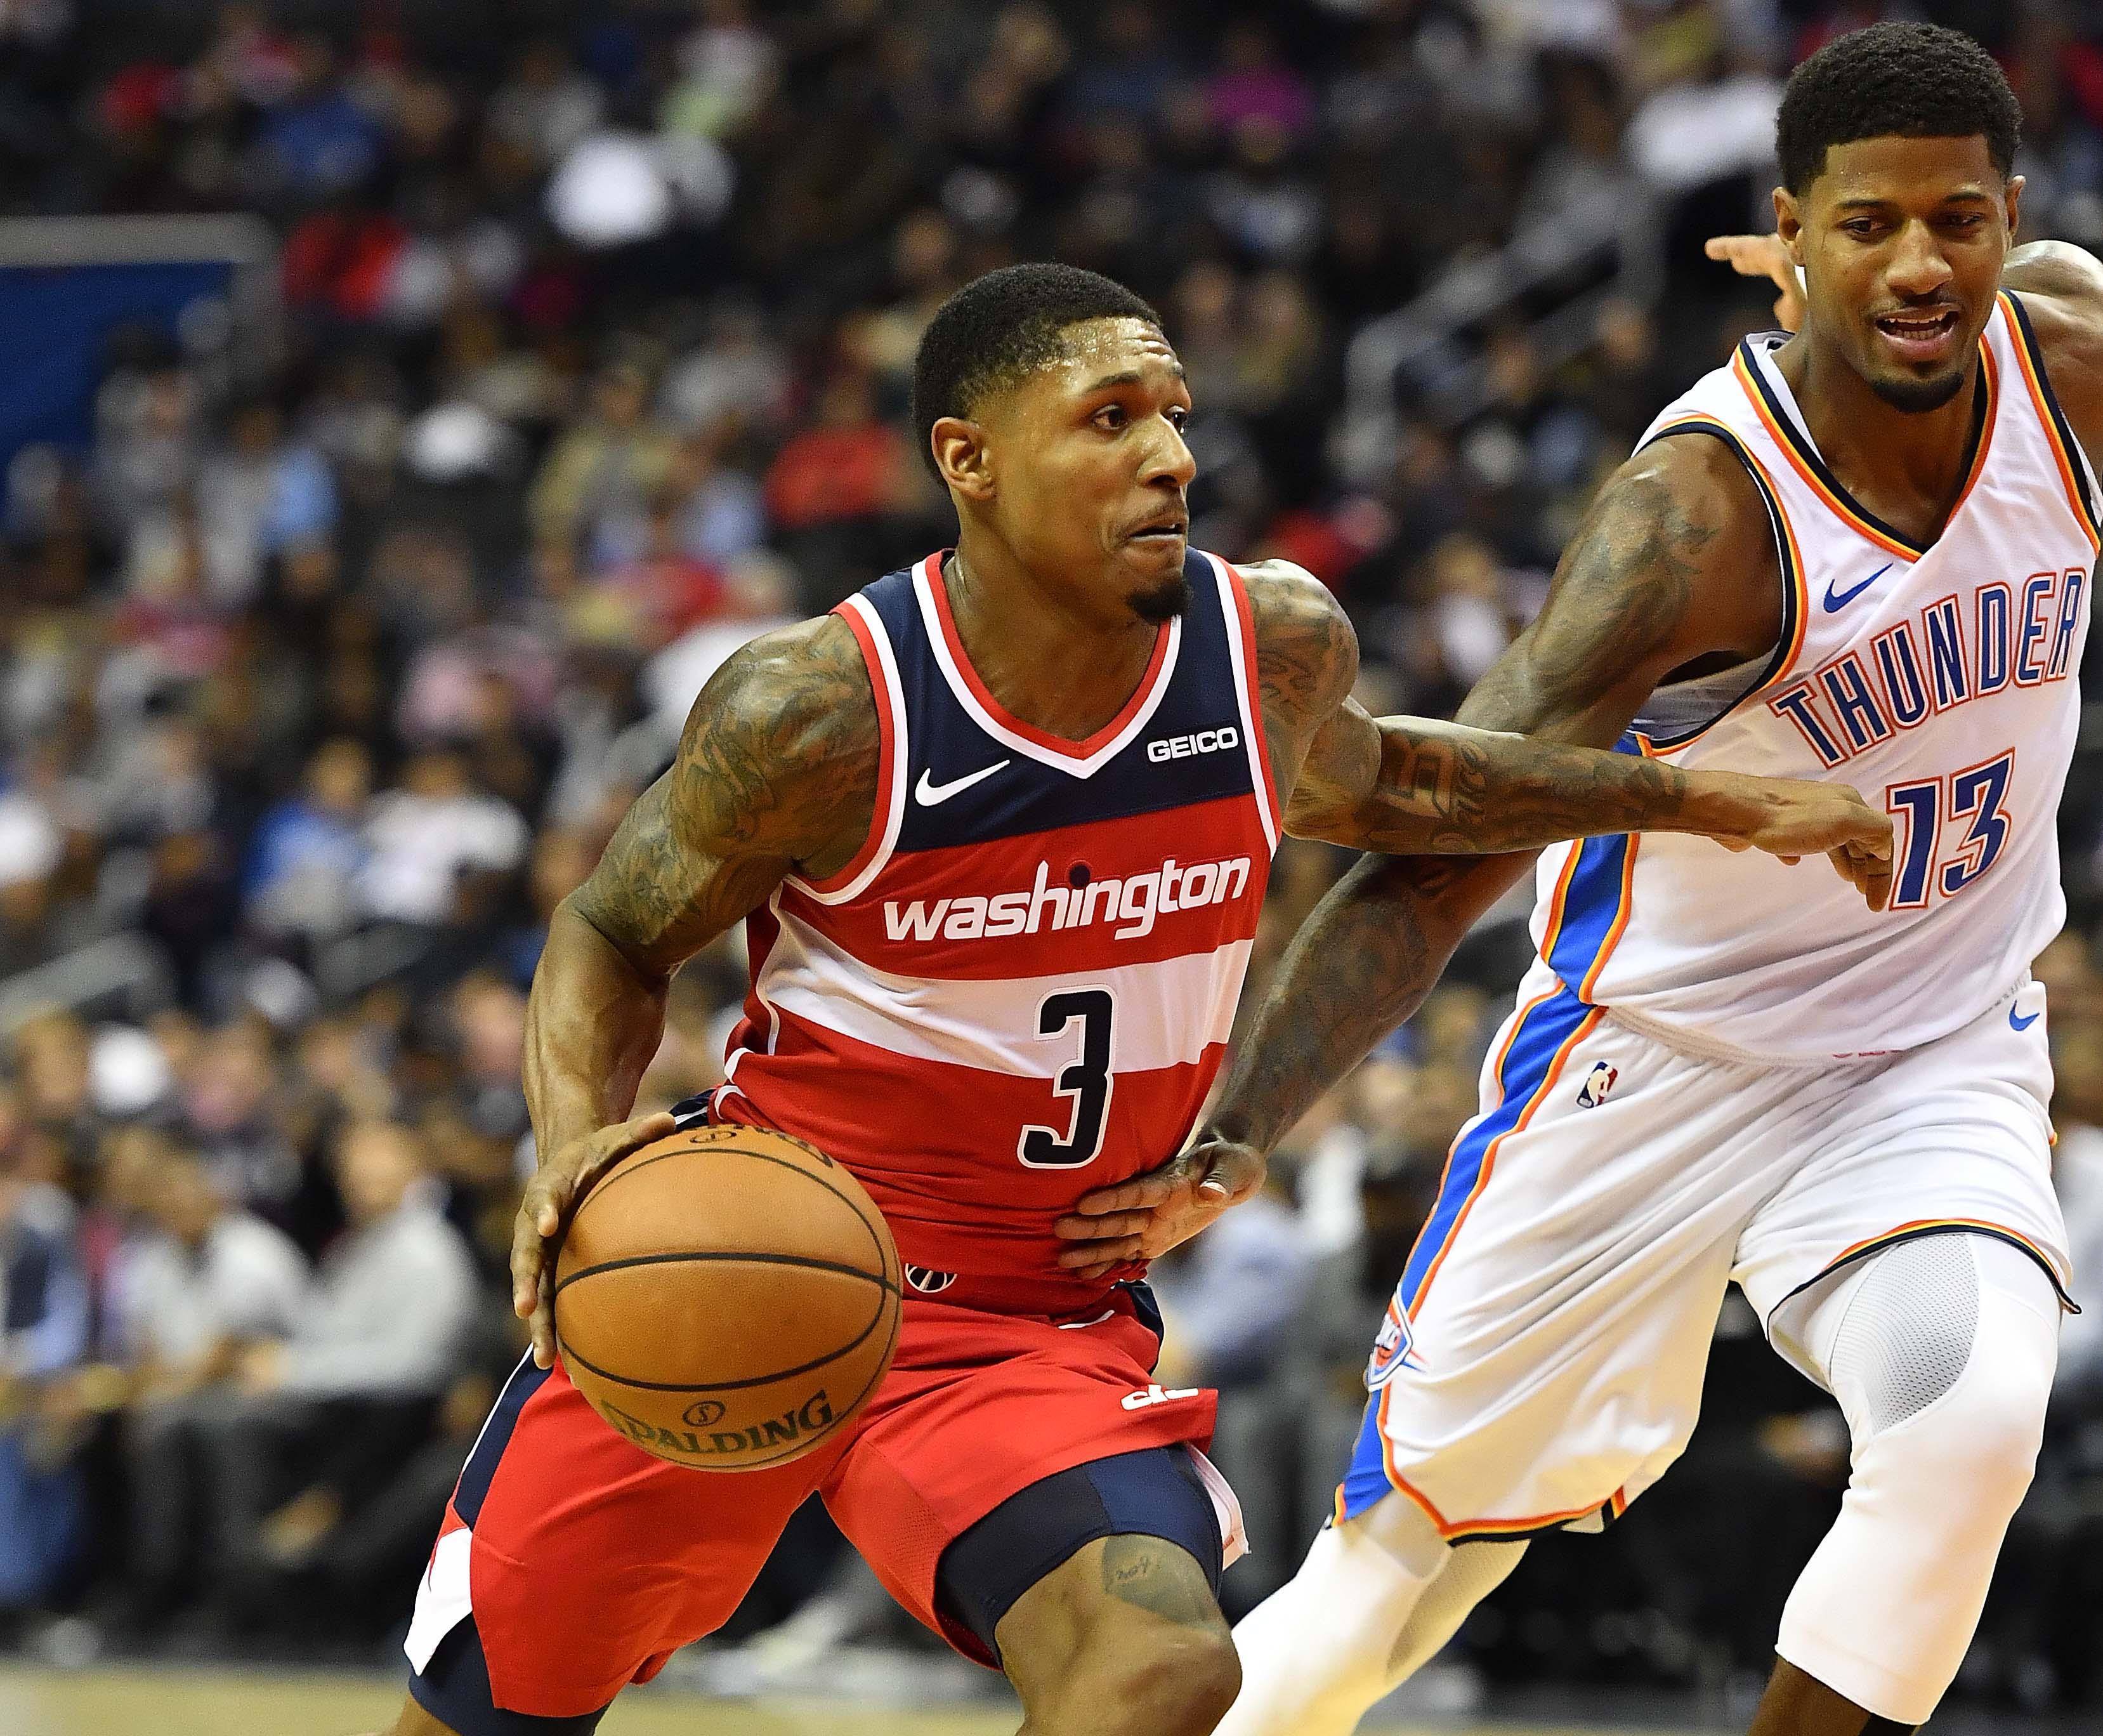 NBA: Oklahoma City Thunder at Washington Wizards